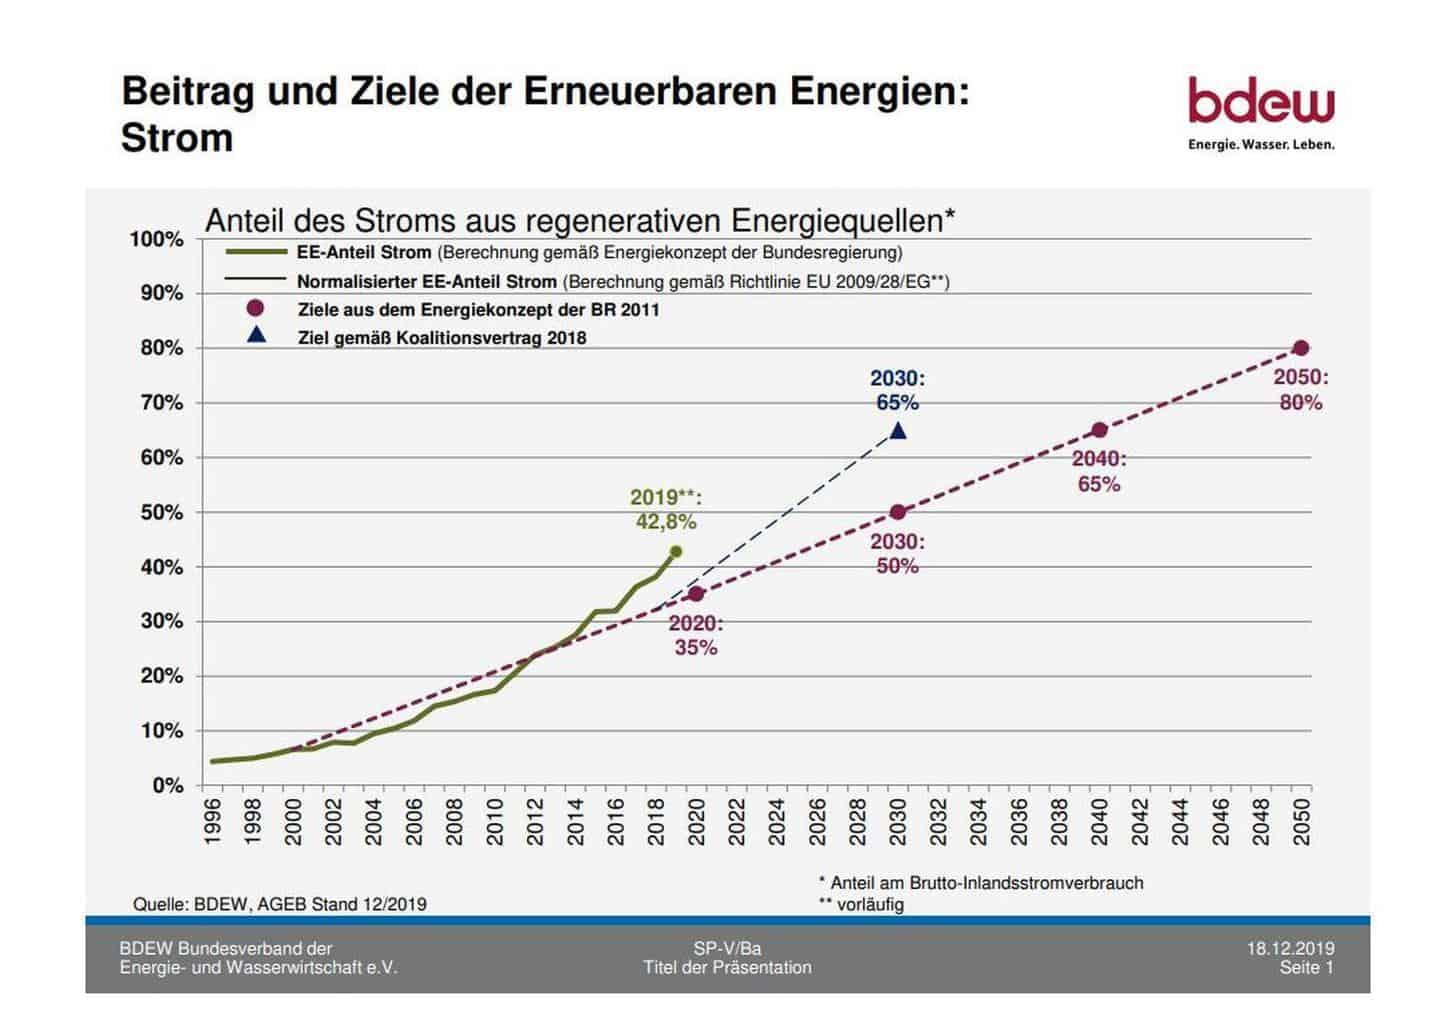 BDEW Bundesverband der Energie- und Wasserwirtschaft e.V